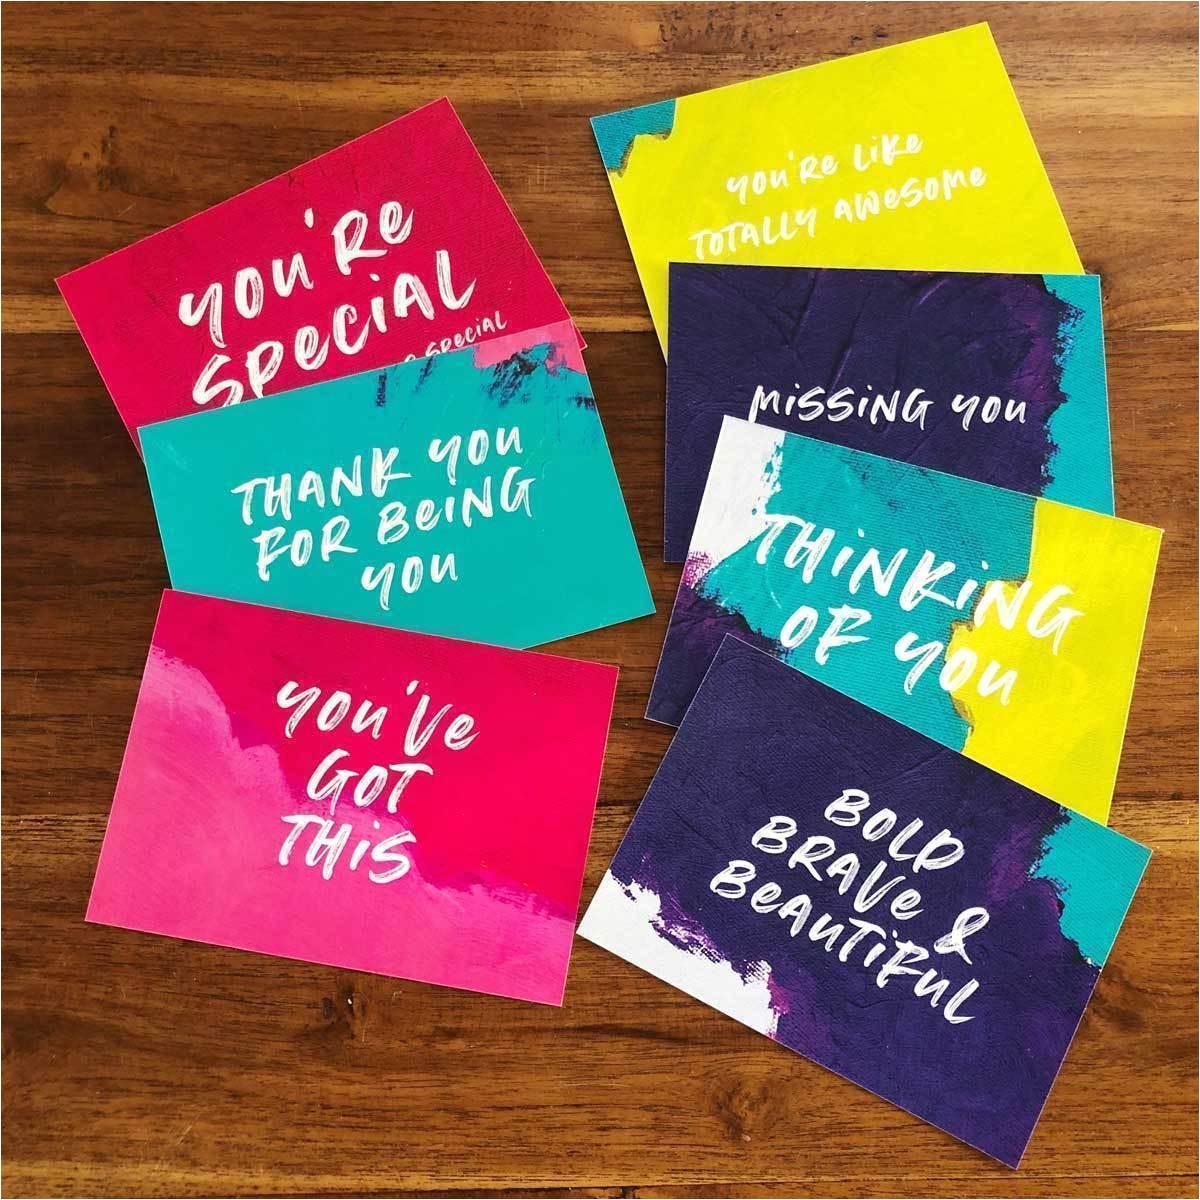 gift cards cc4662cf 034a 4448 bea6 2f1742abb490 1200x jpg